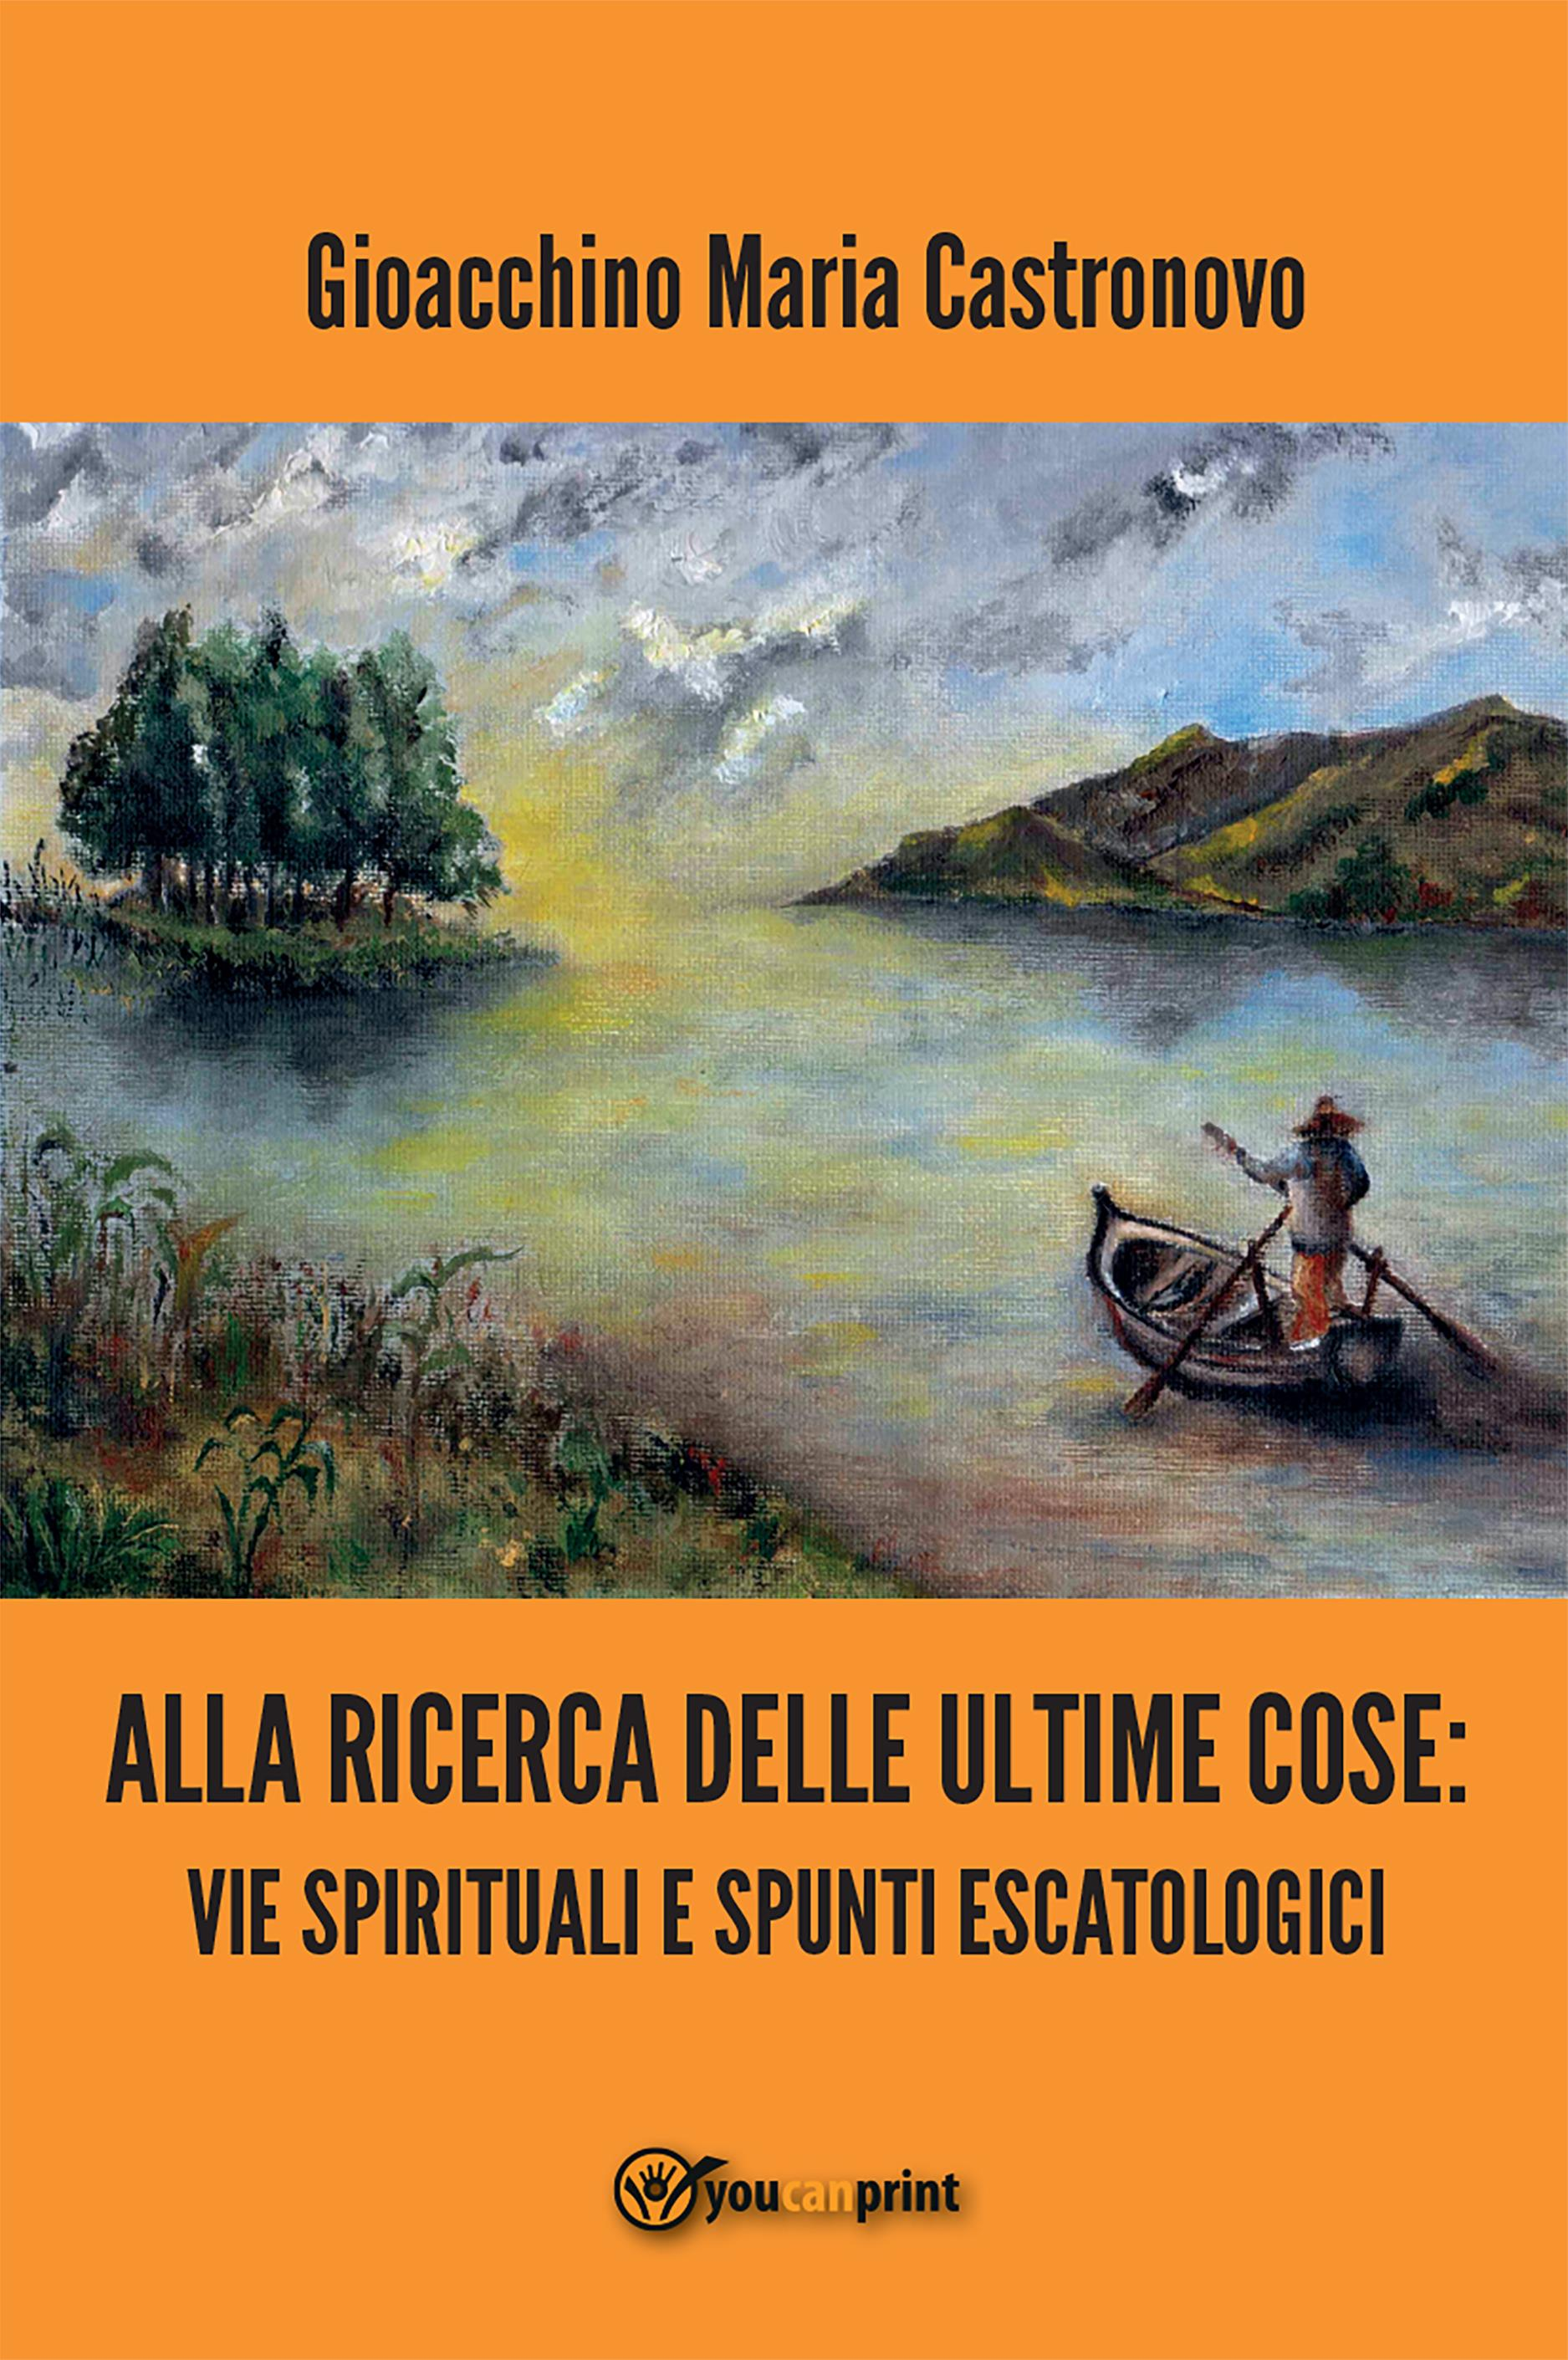 Alla ricerca delle ultime cose: vie spirituali e spunti escatologici